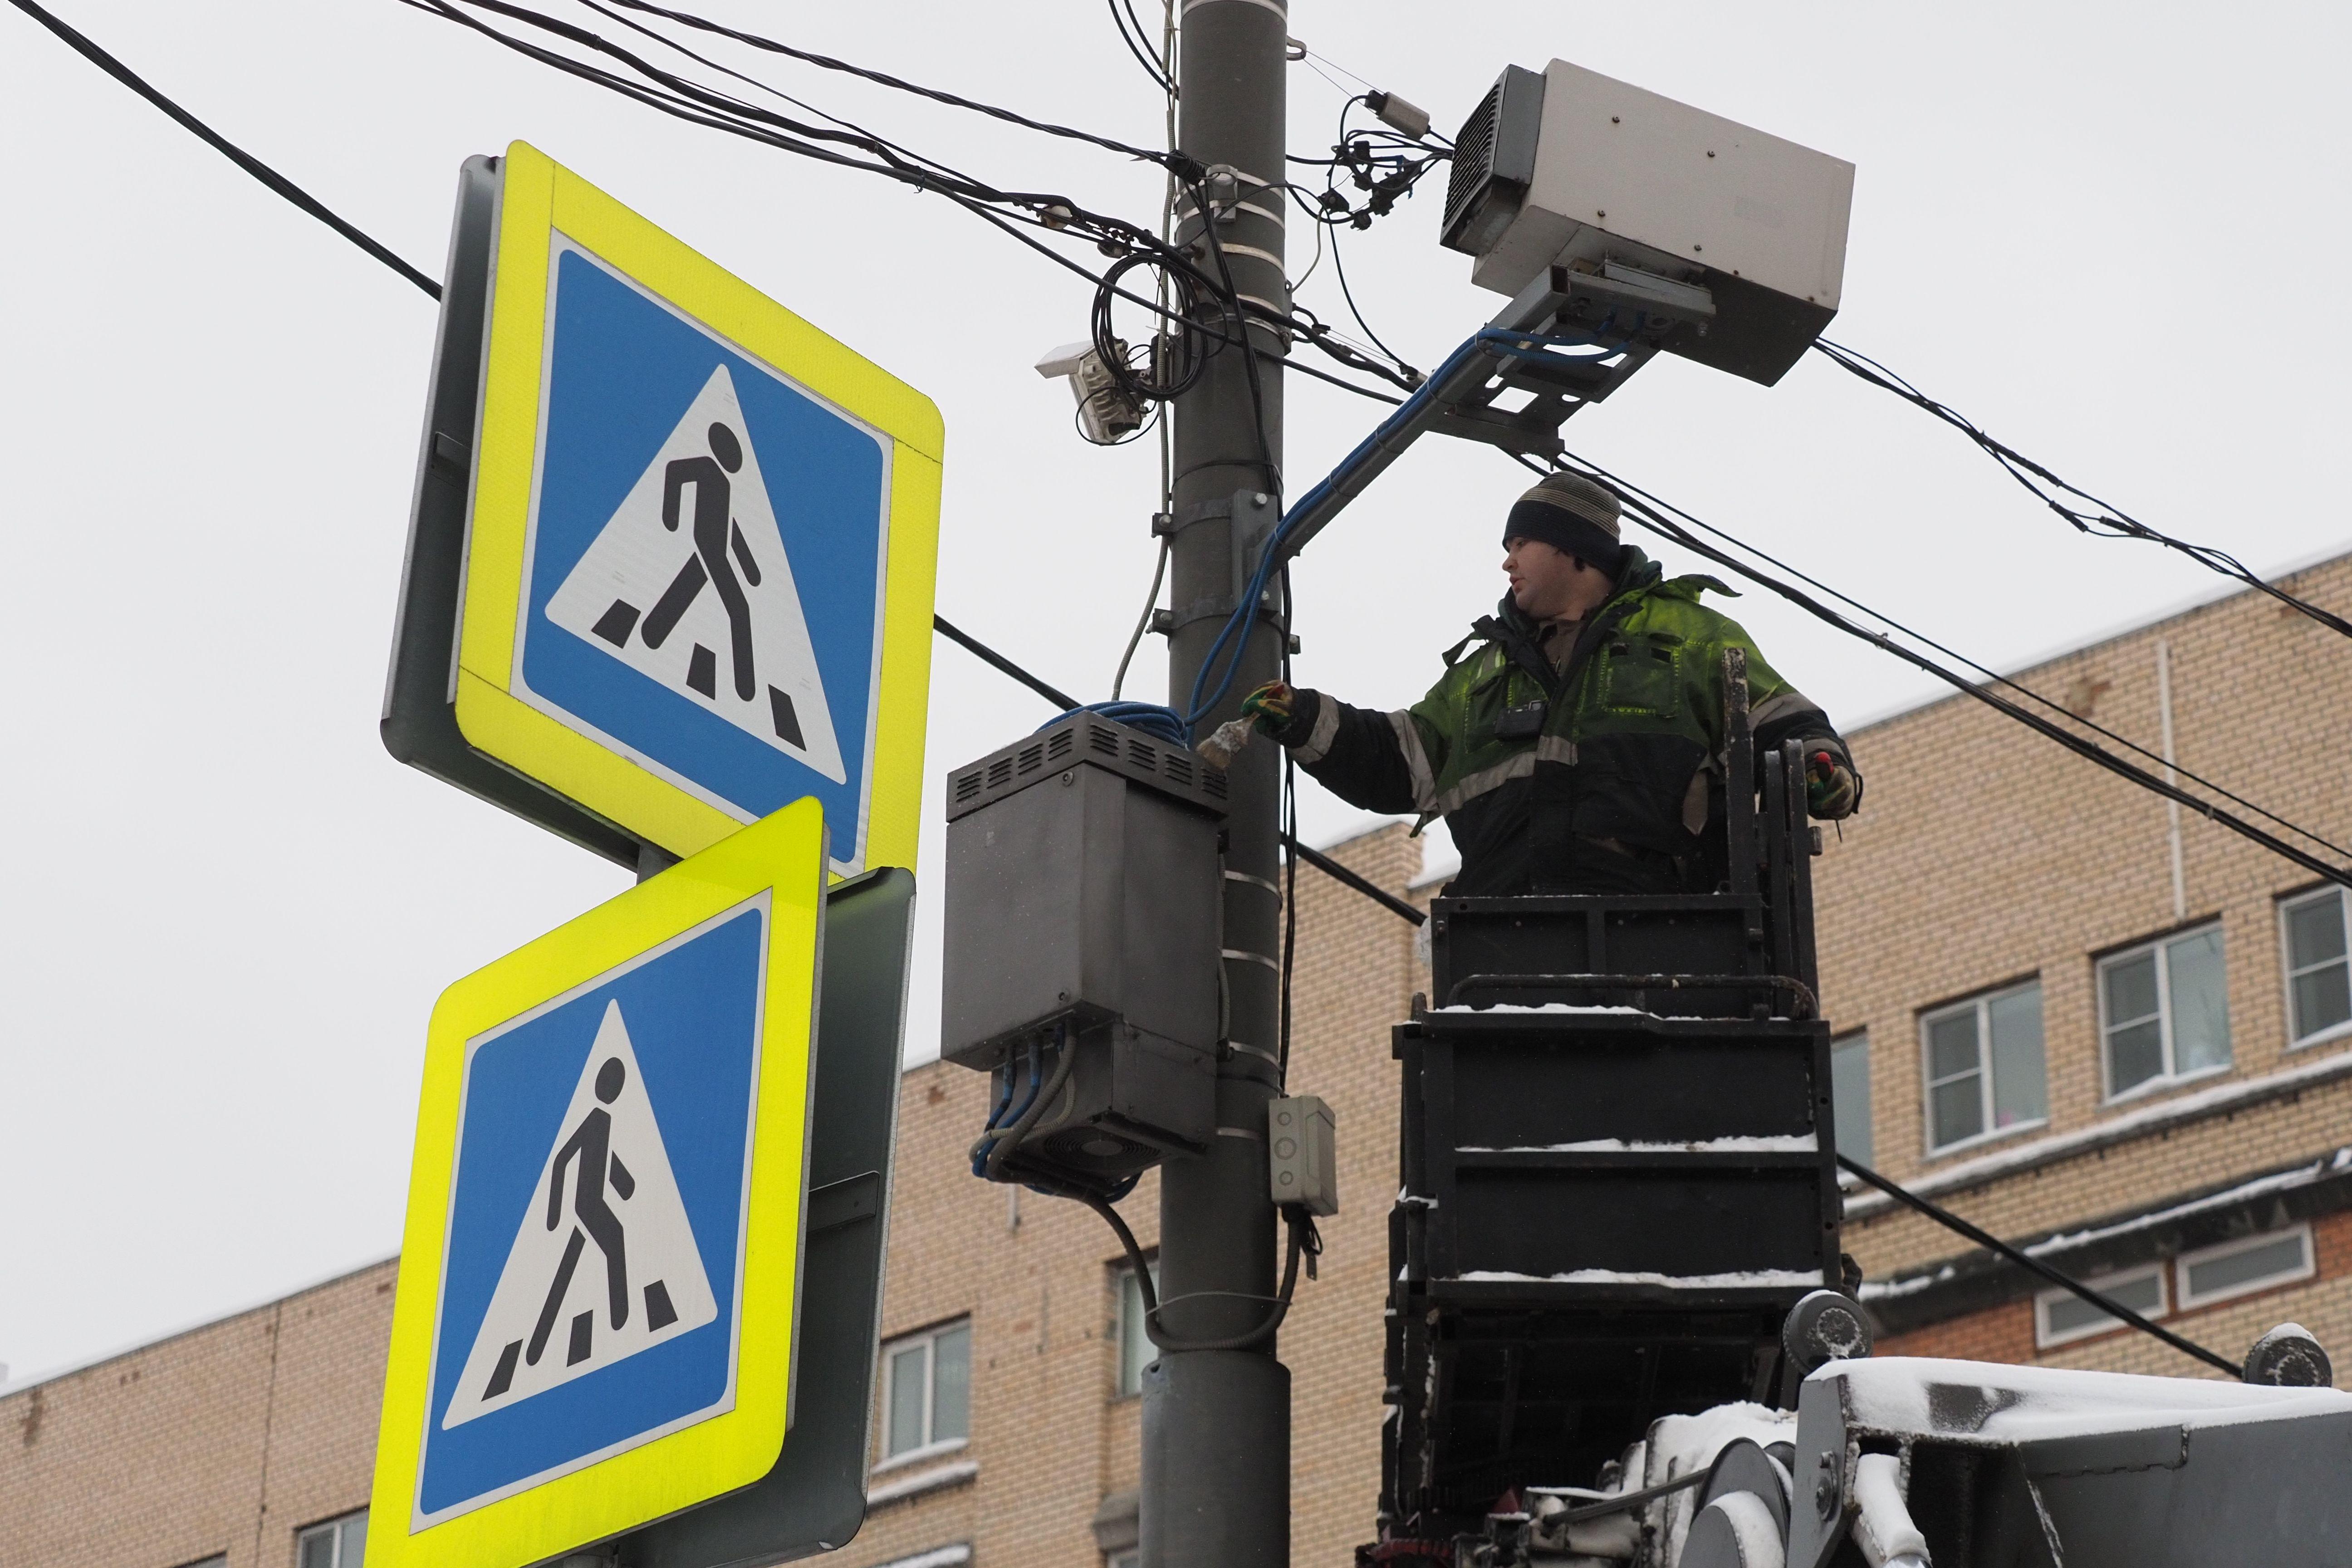 Новые камеры фиксации нарушений появились на дорогах юга